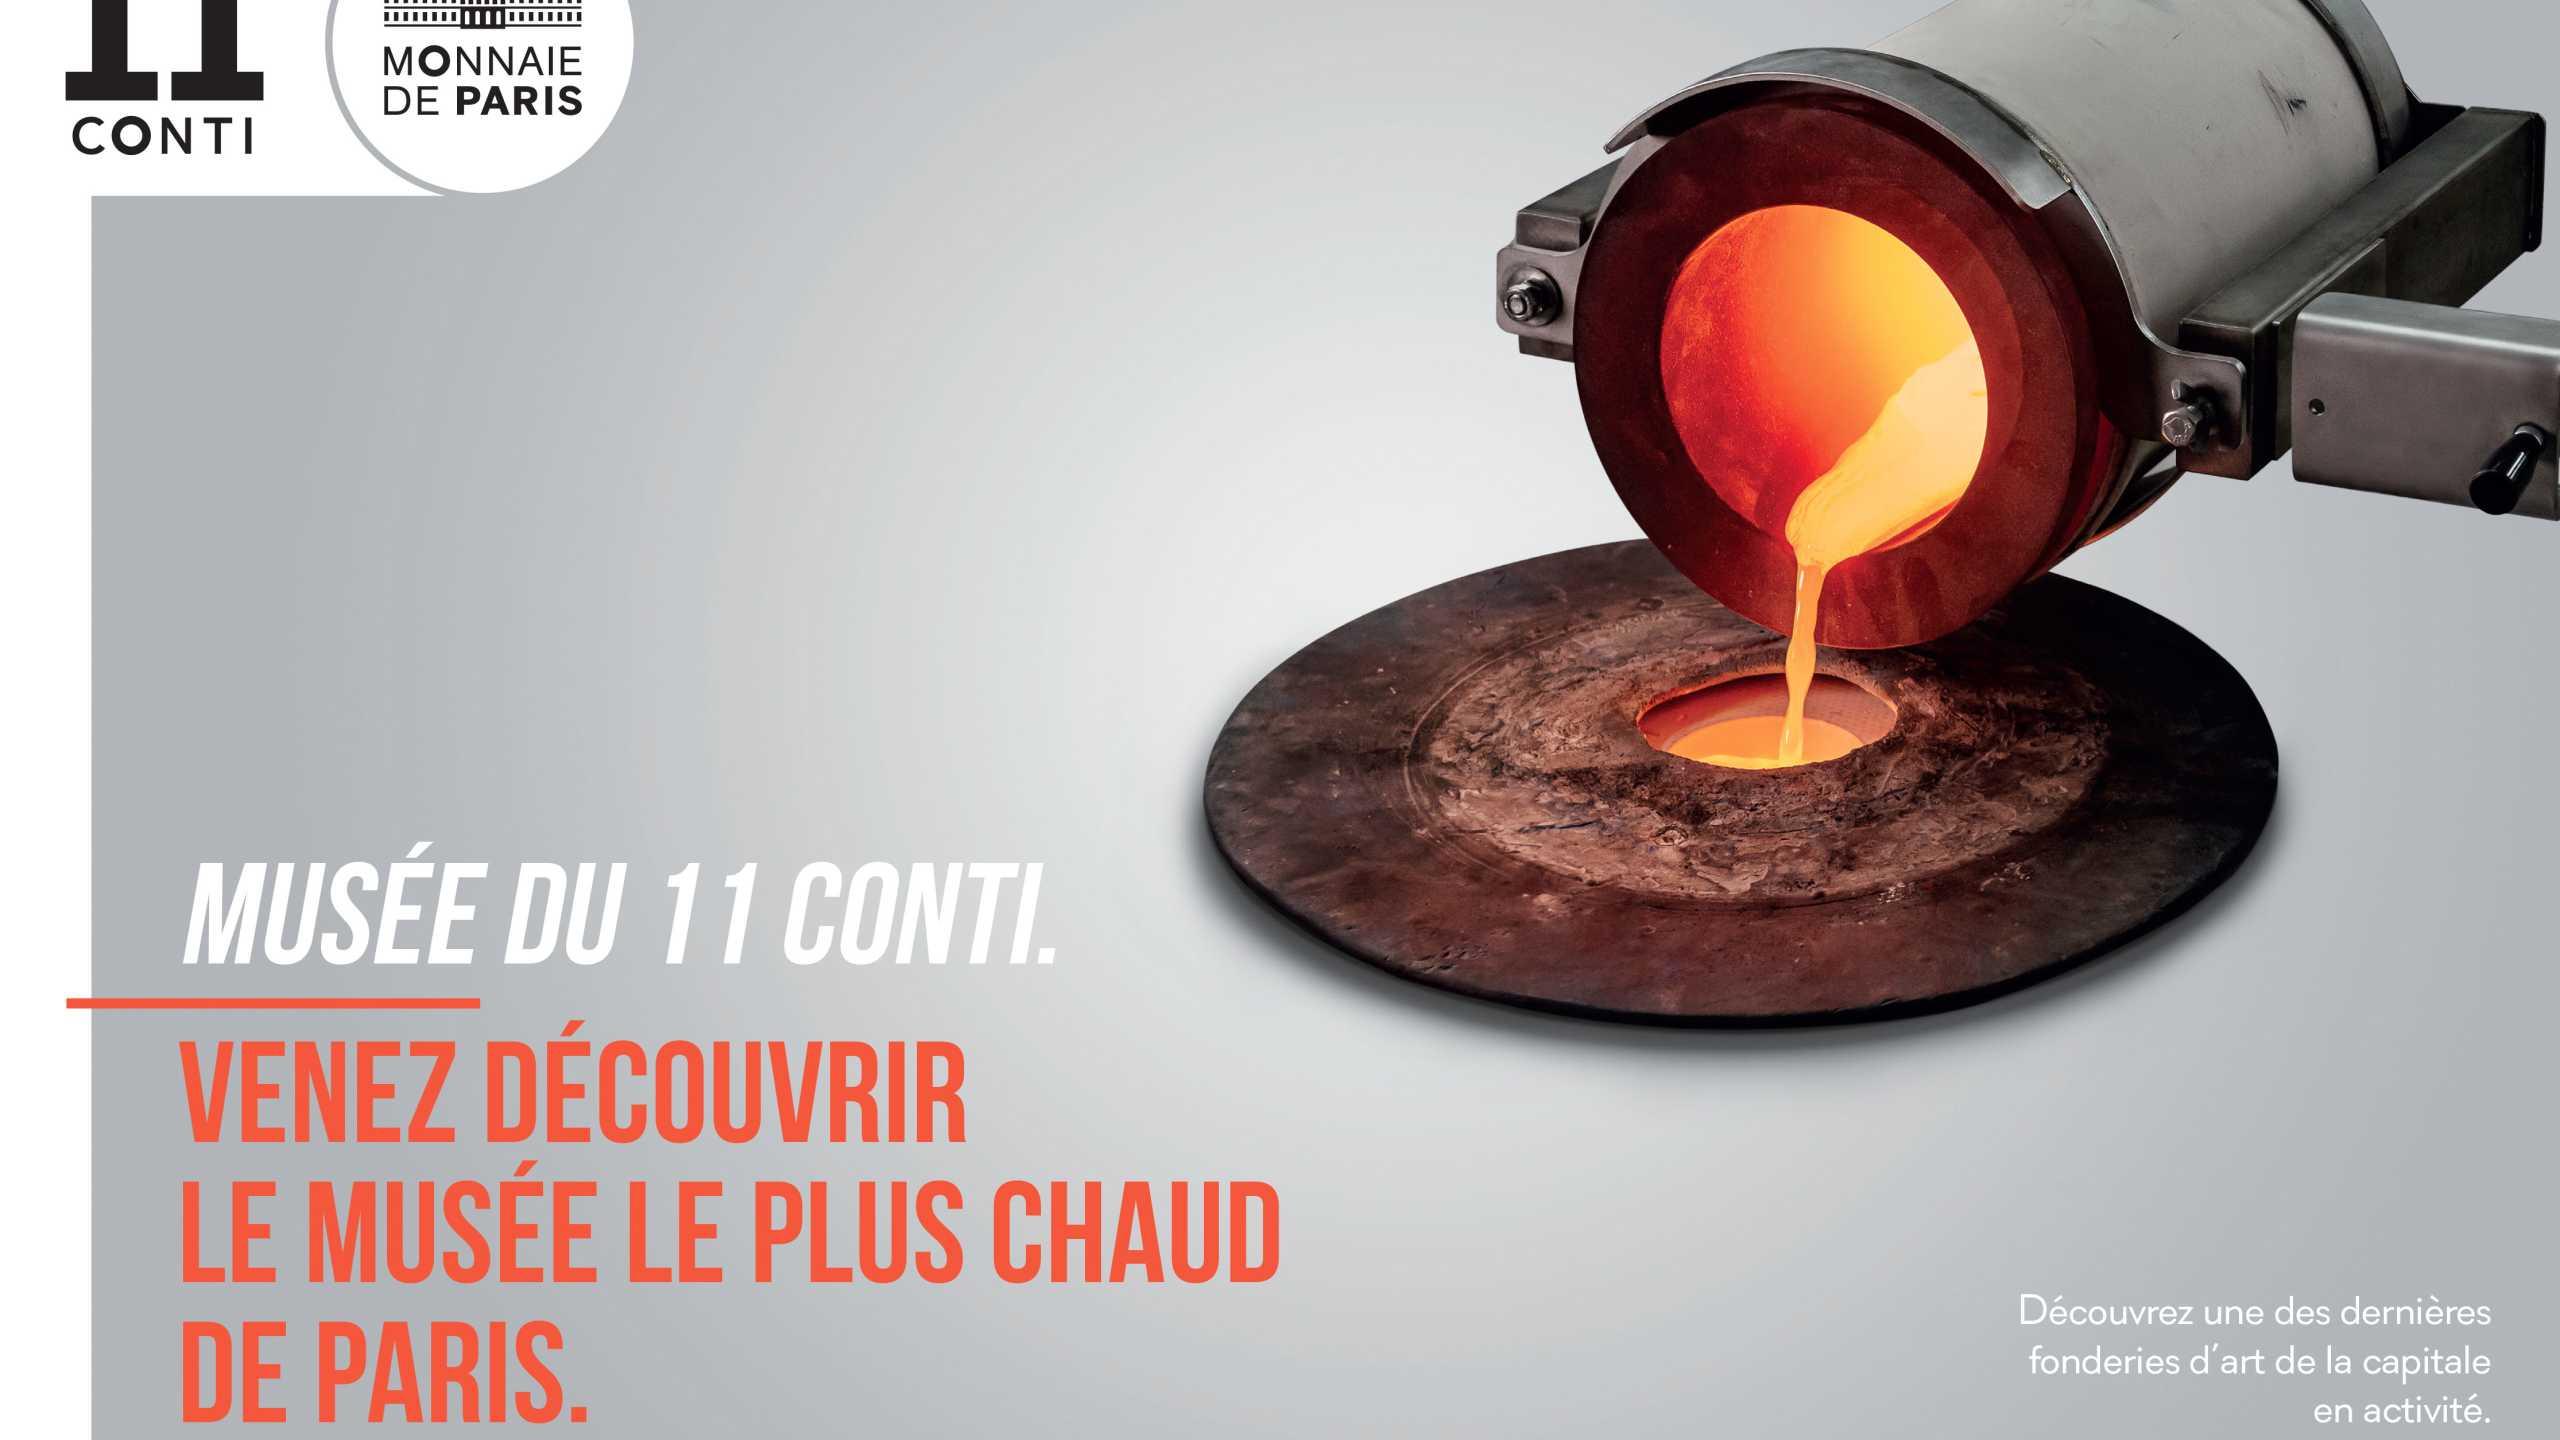 Venez découvrir le musée le plus chaud. de Paris